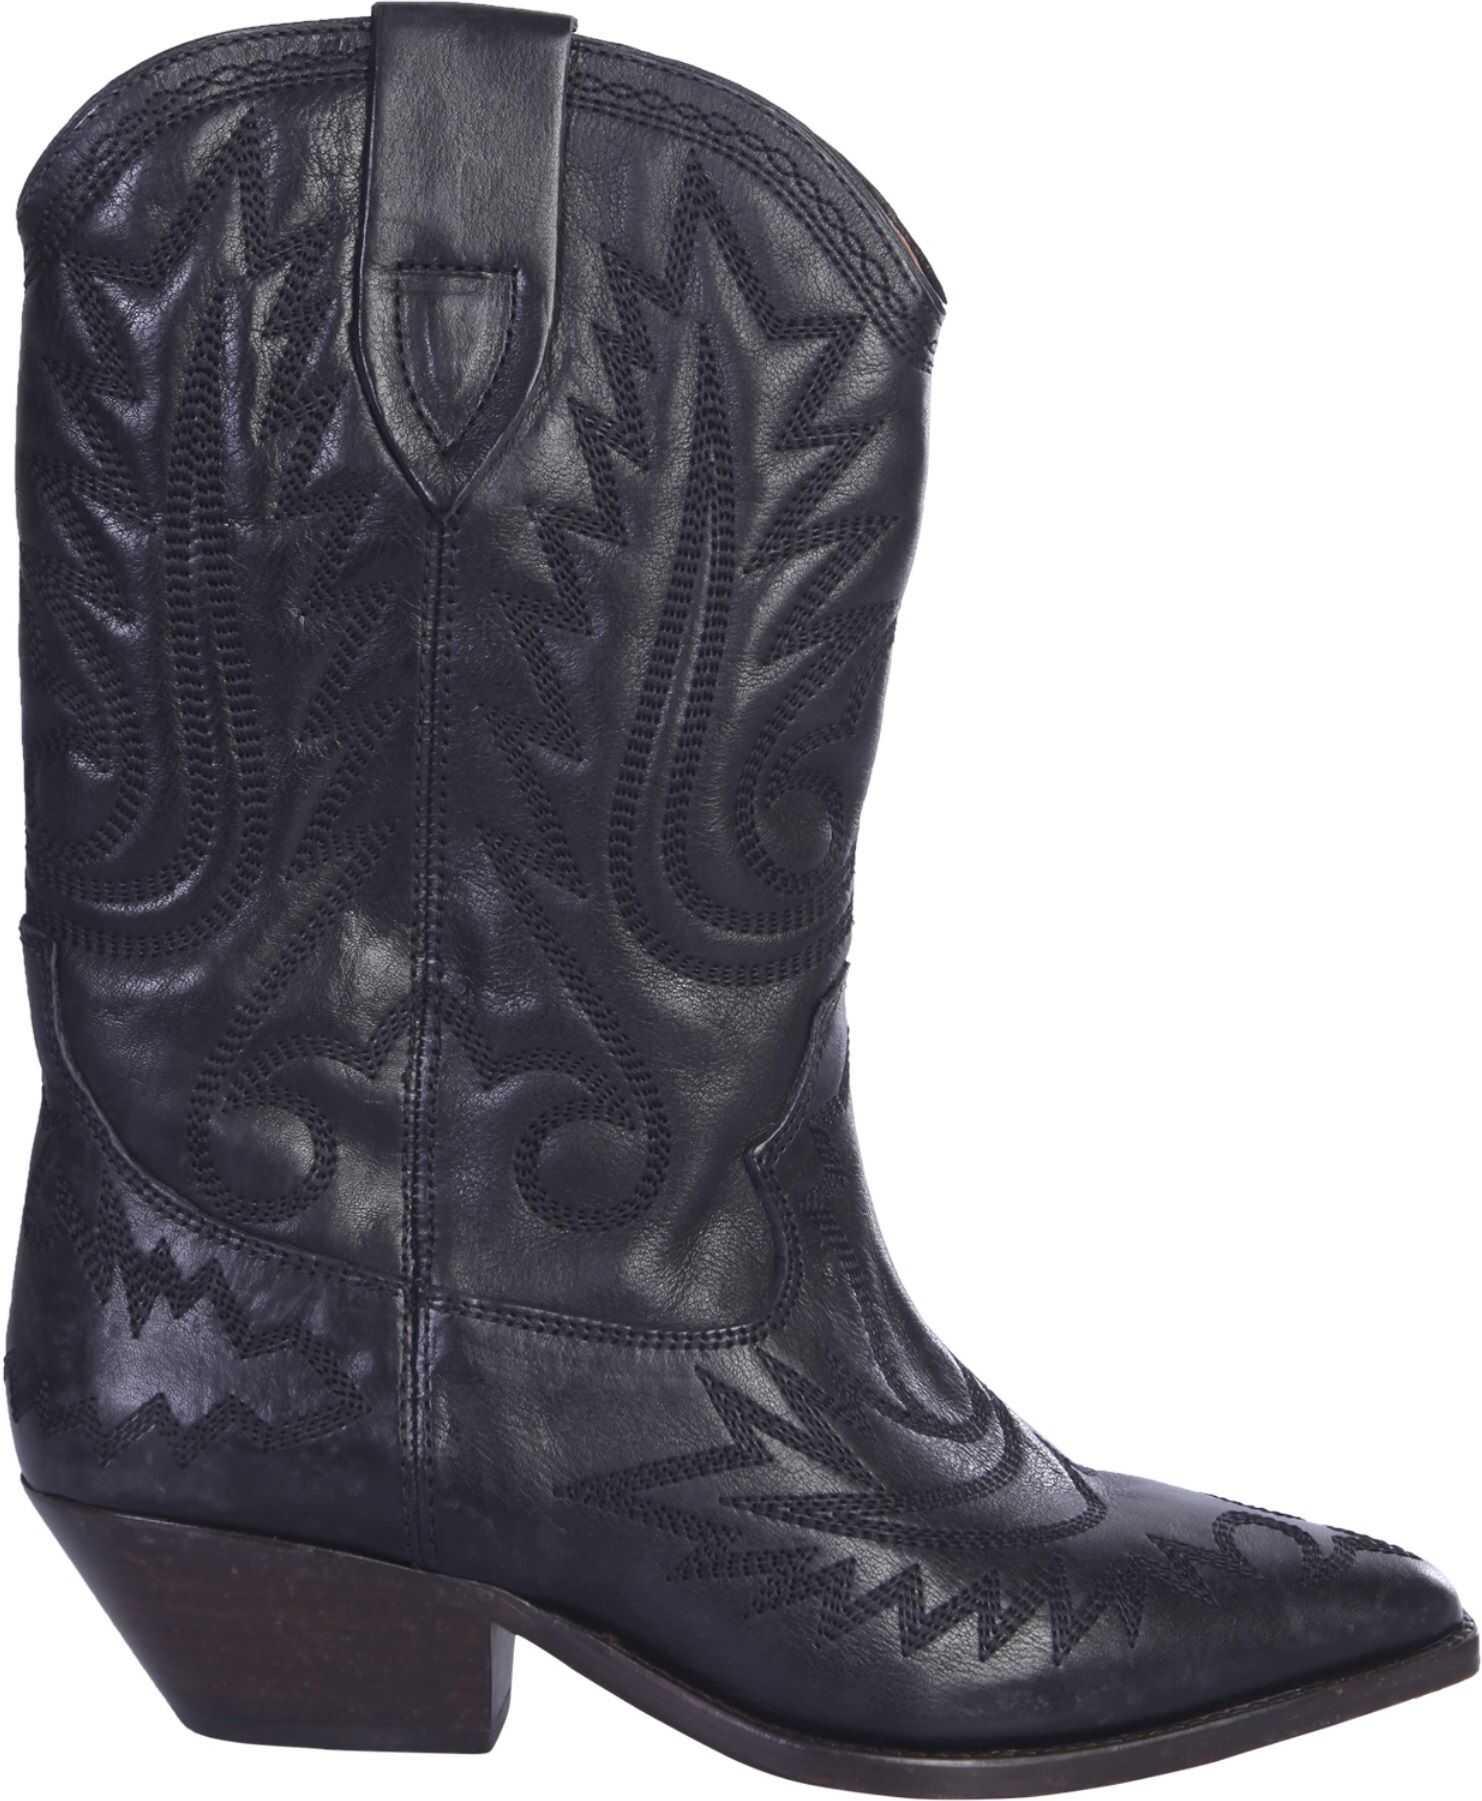 Texan Duerto Boots thumbnail